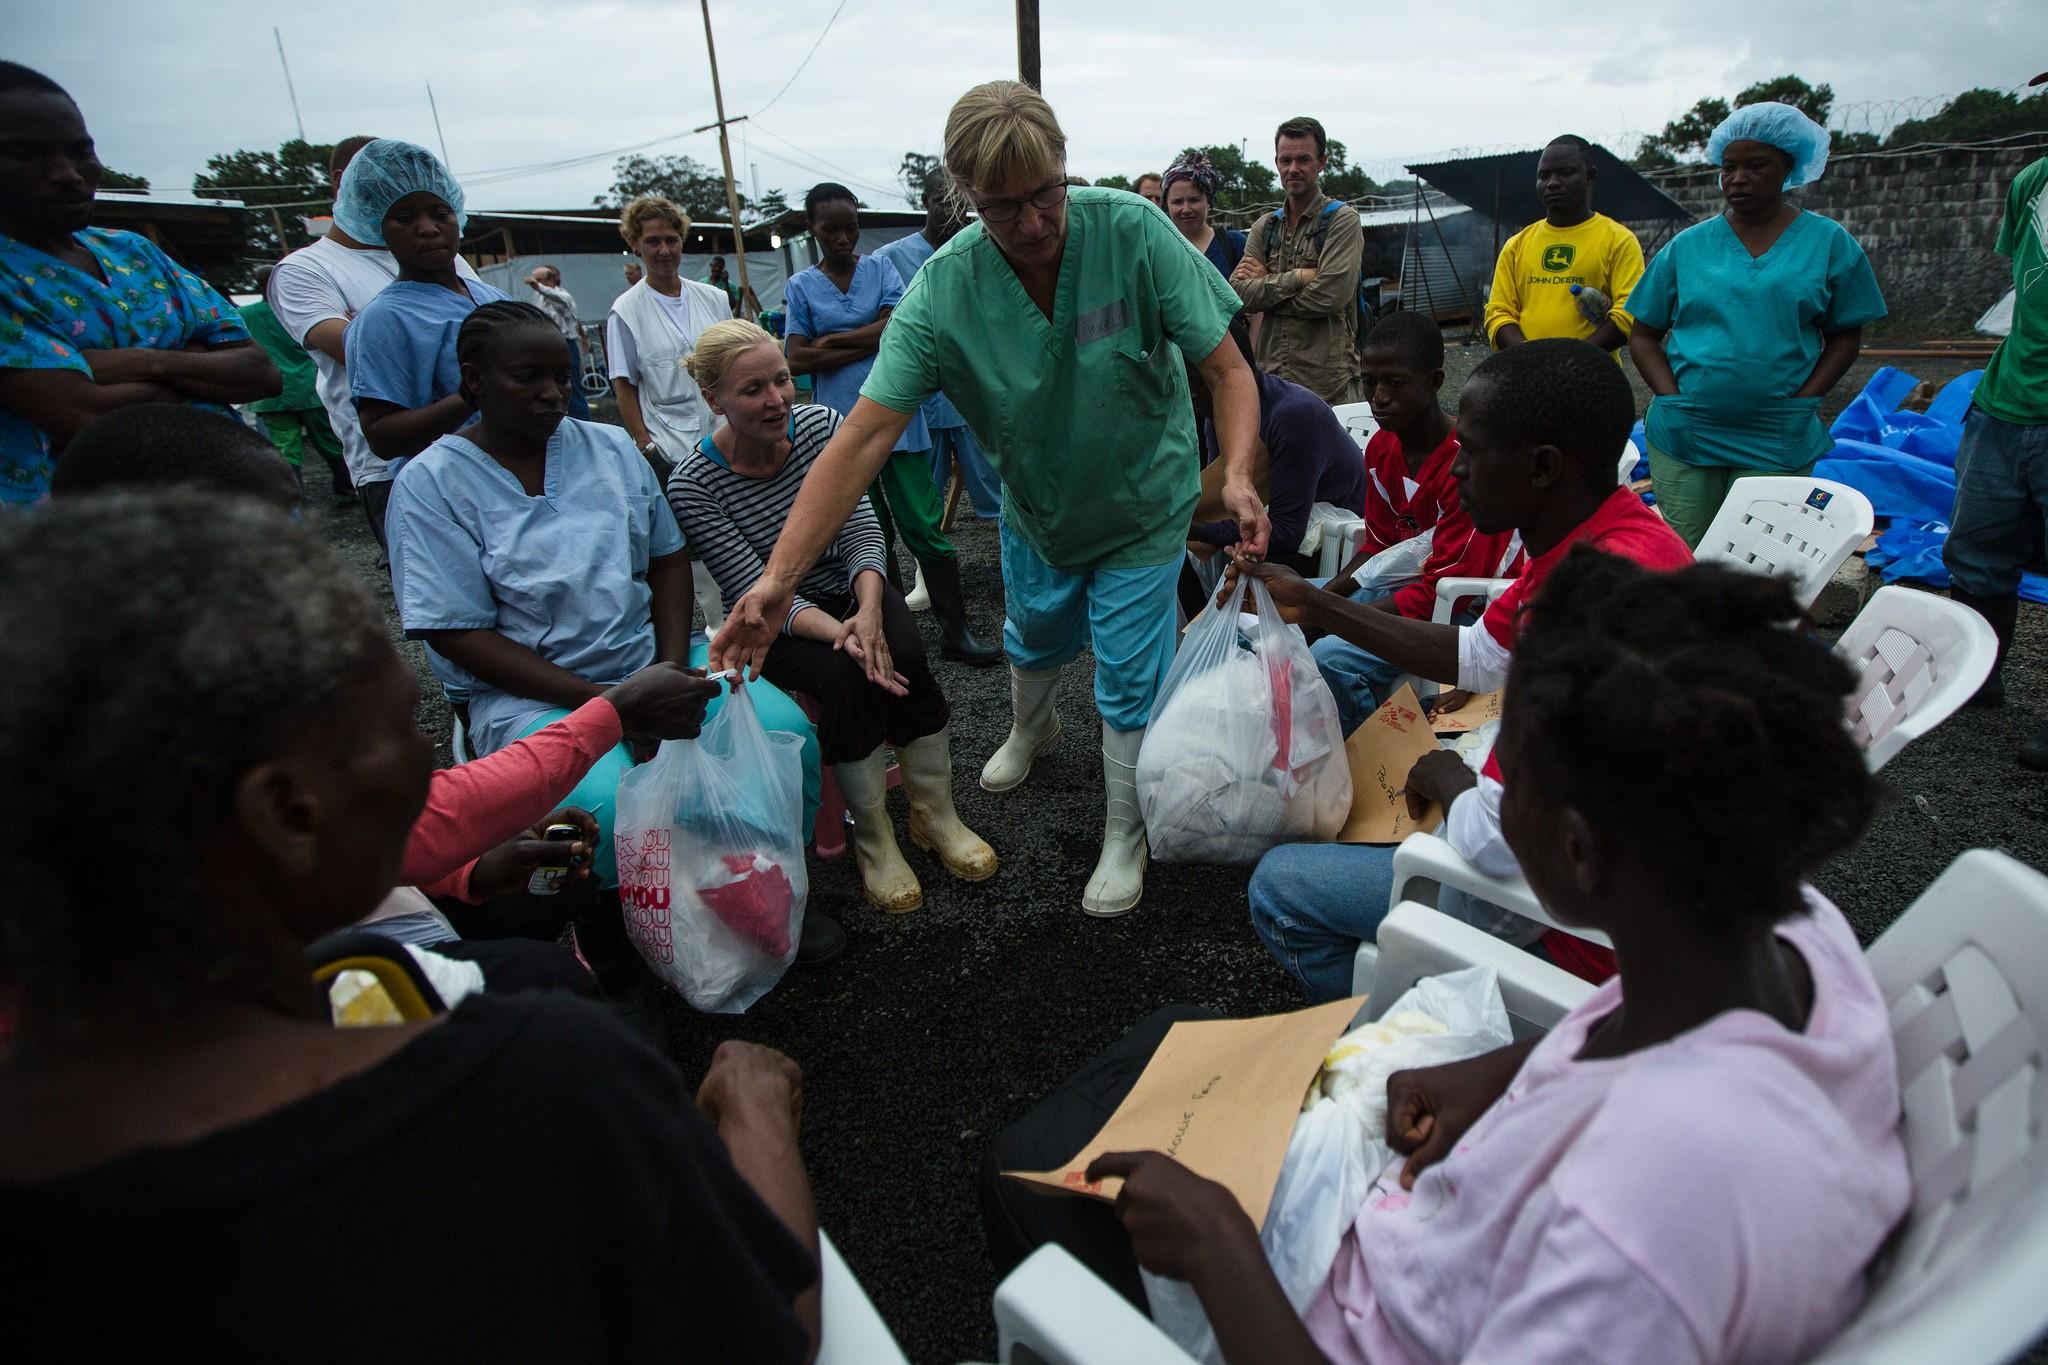 Atendimento dos Médicos Sem Fronteiras na Libéria (Foto: #ISurvived Ebola/Flickr/Creative Commons)